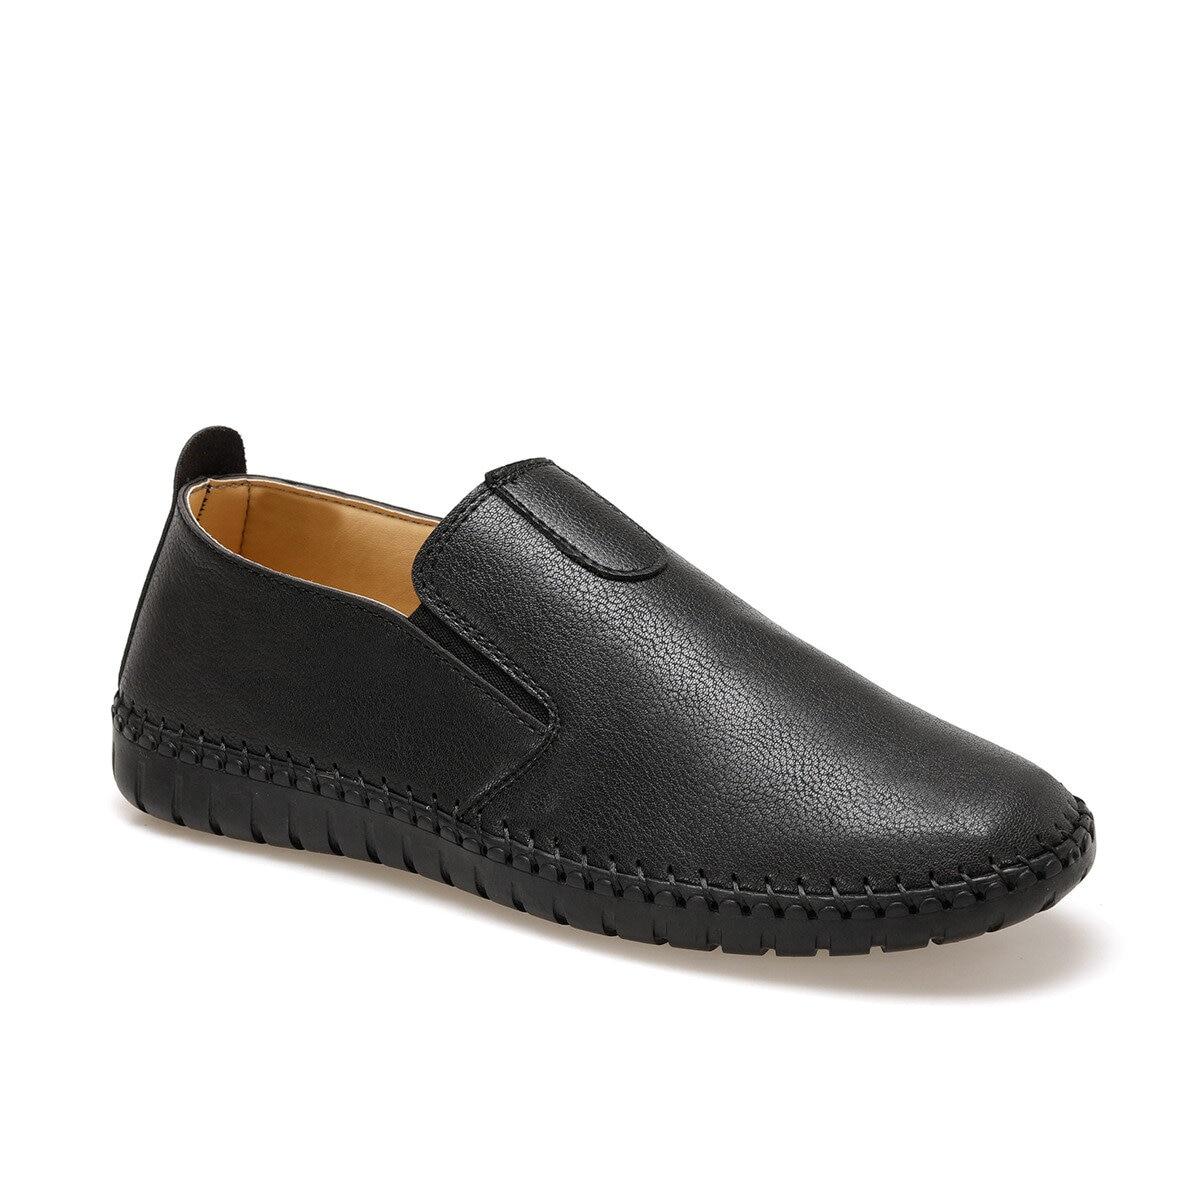 FLO AL-22 Black Men 'S Classic Shoes Flexall